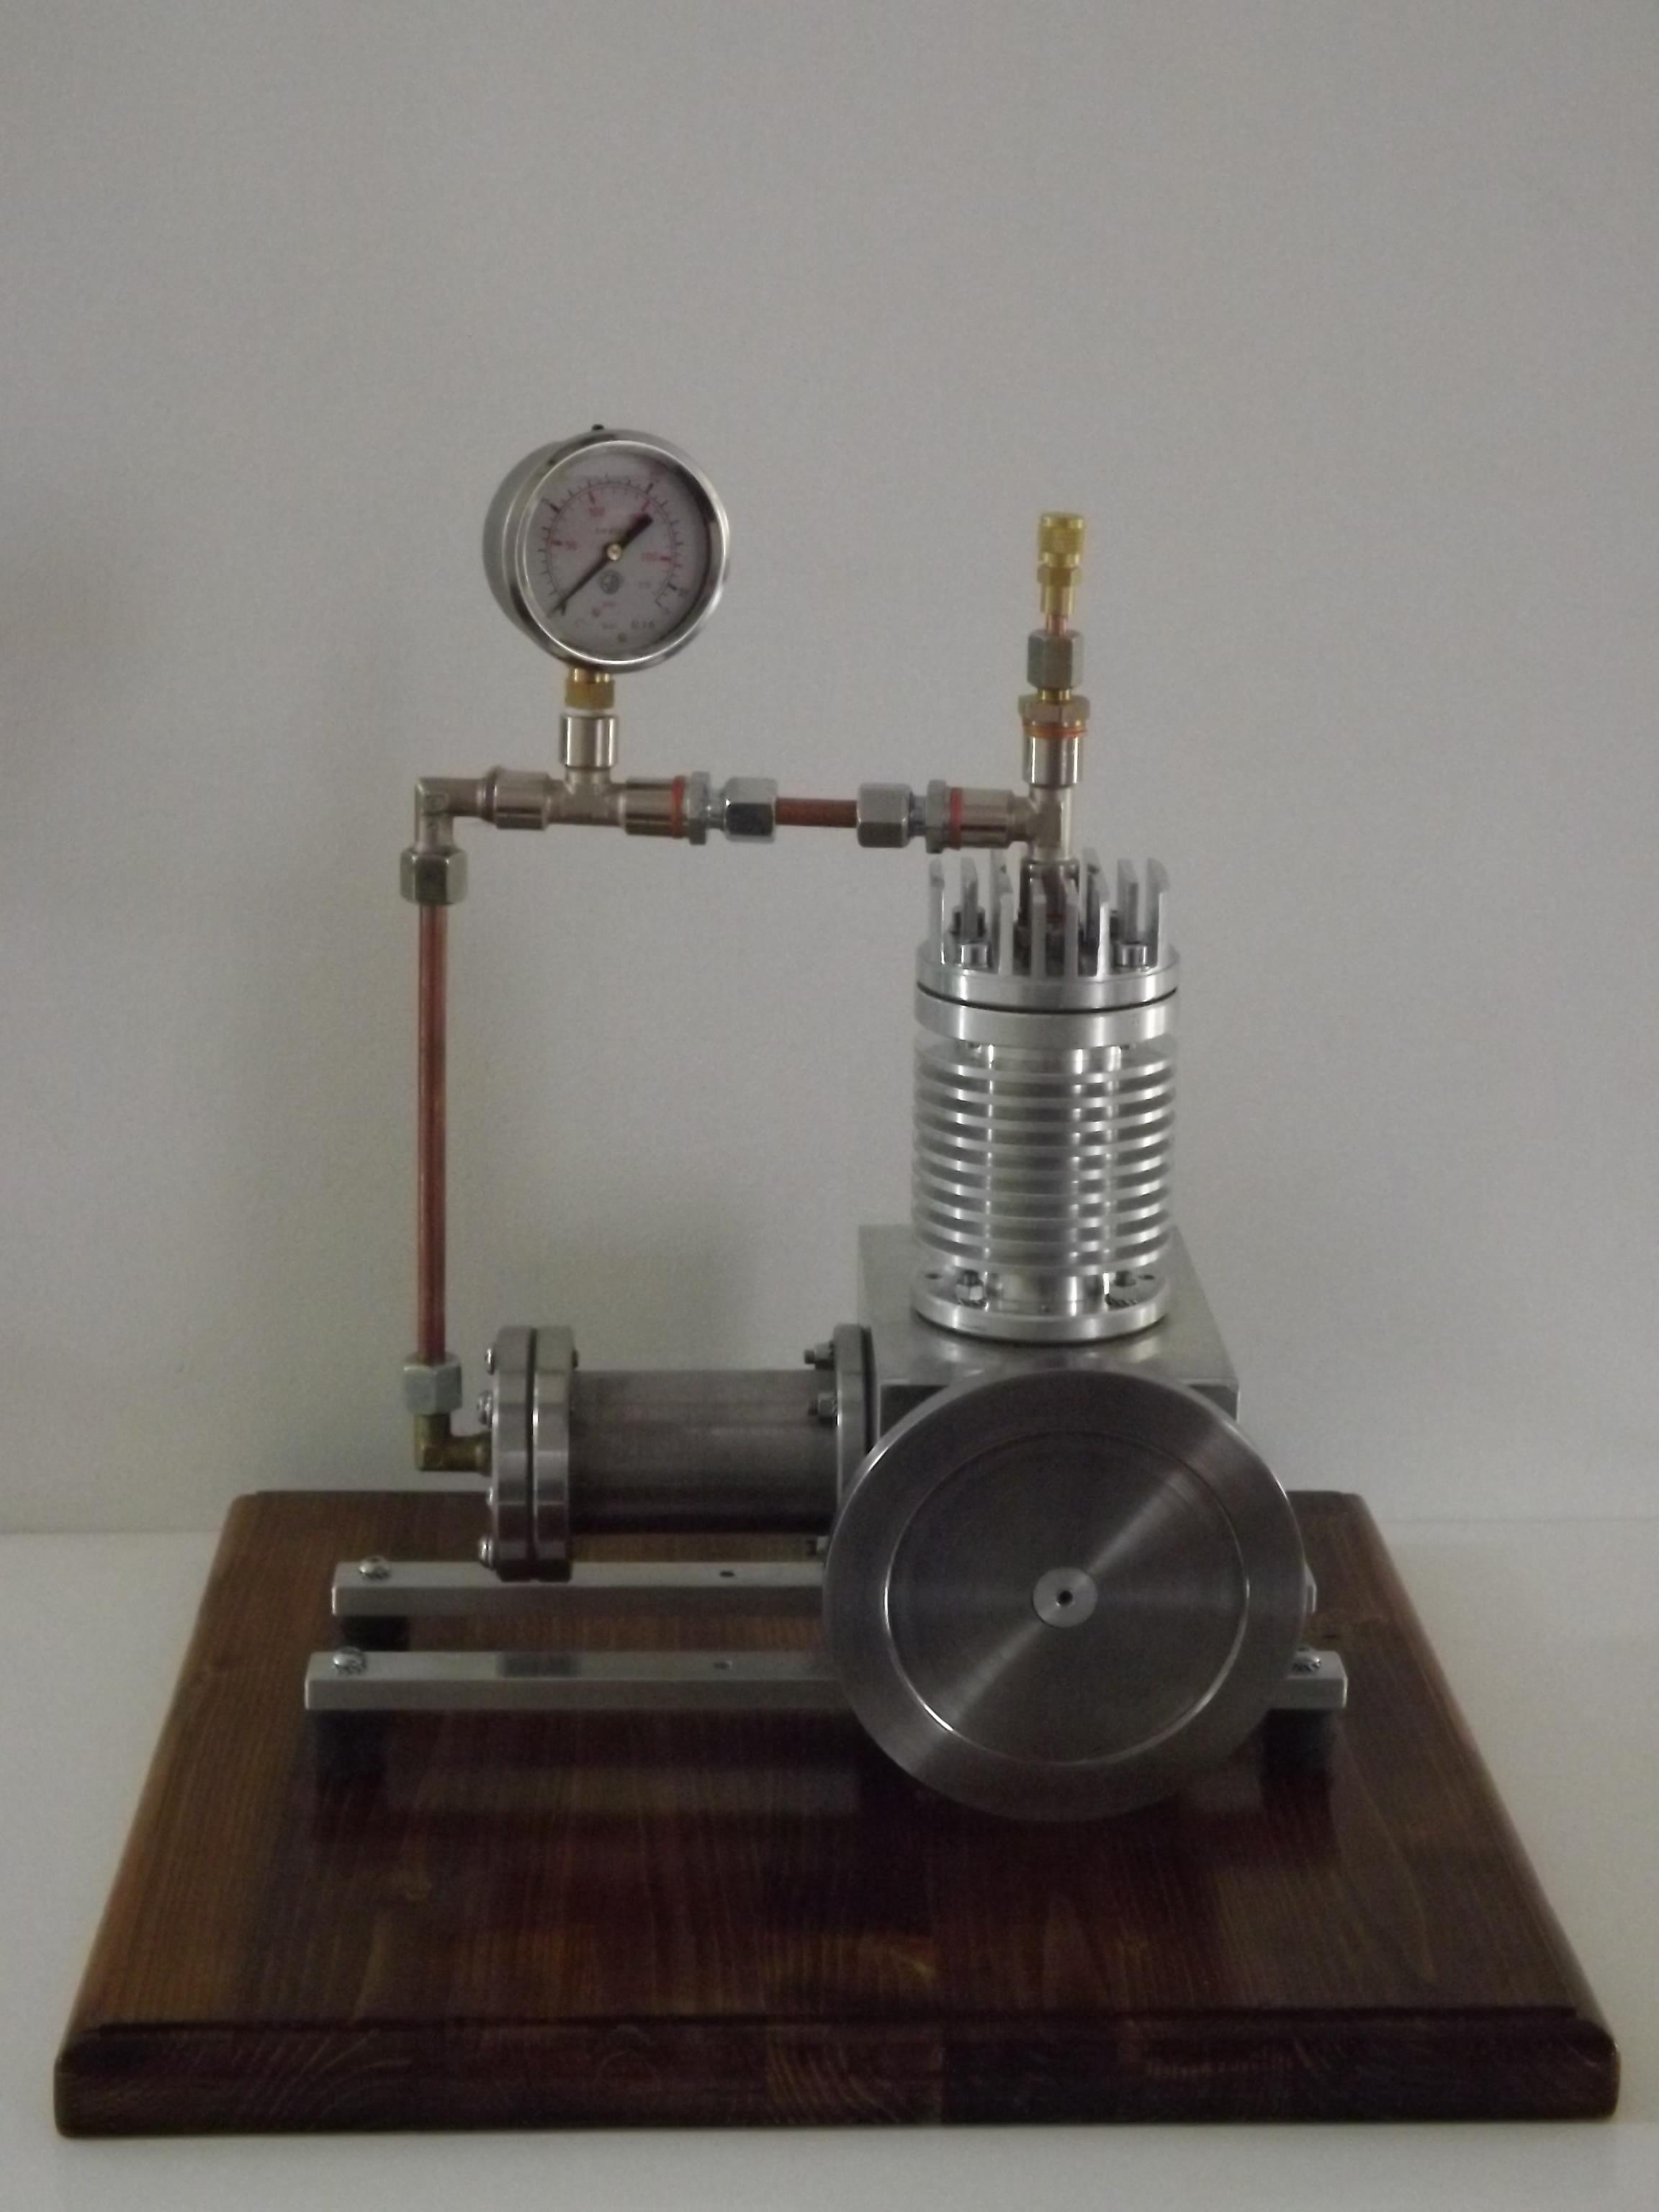 Produrre energia elettrica con la caldaia di riscaldamento - Ri-cerca - Blog - Finegil